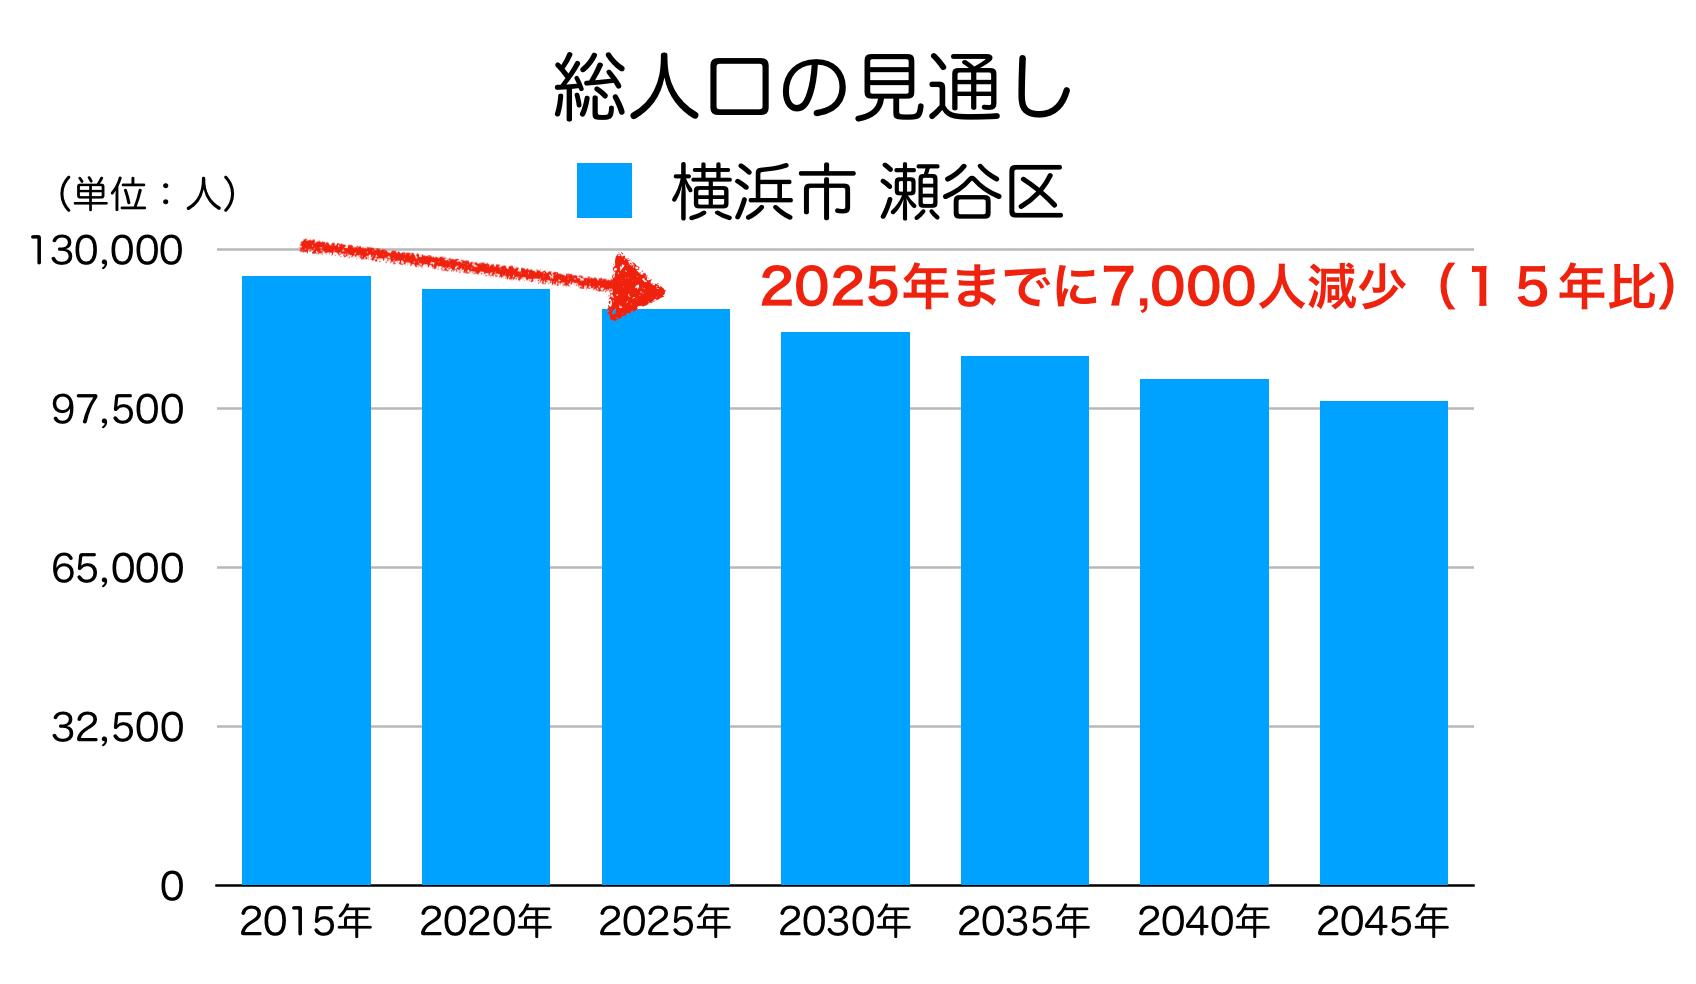 瀬谷区の人口予測